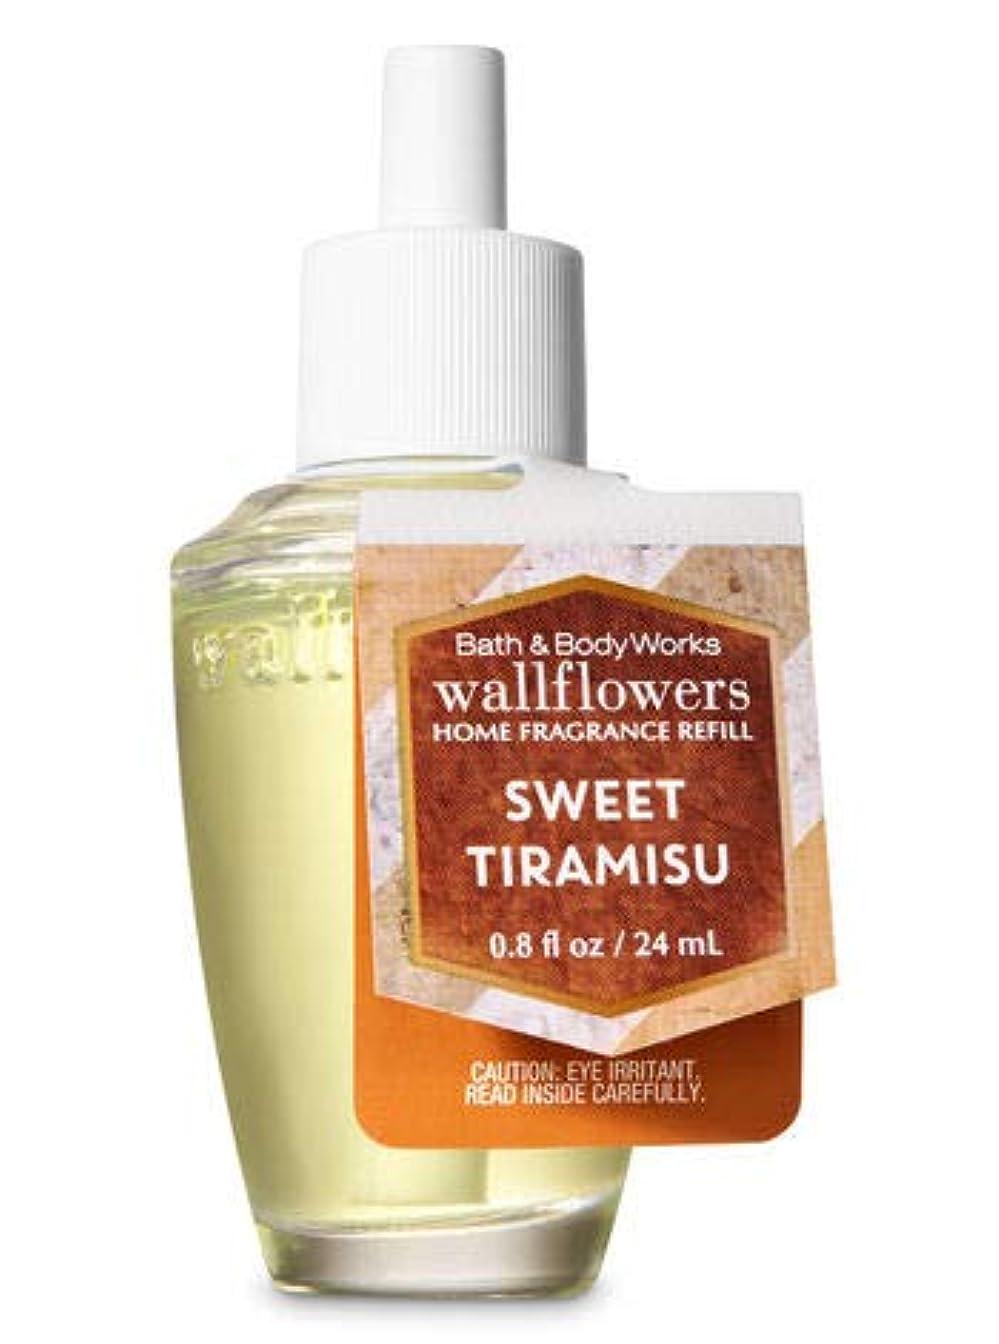 危機ご近所置換【Bath&Body Works/バス&ボディワークス】 ルームフレグランス 詰替えリフィル スイートティラミス Wallflowers Home Fragrance Refill Sweet Tiramisu [並行輸入品]